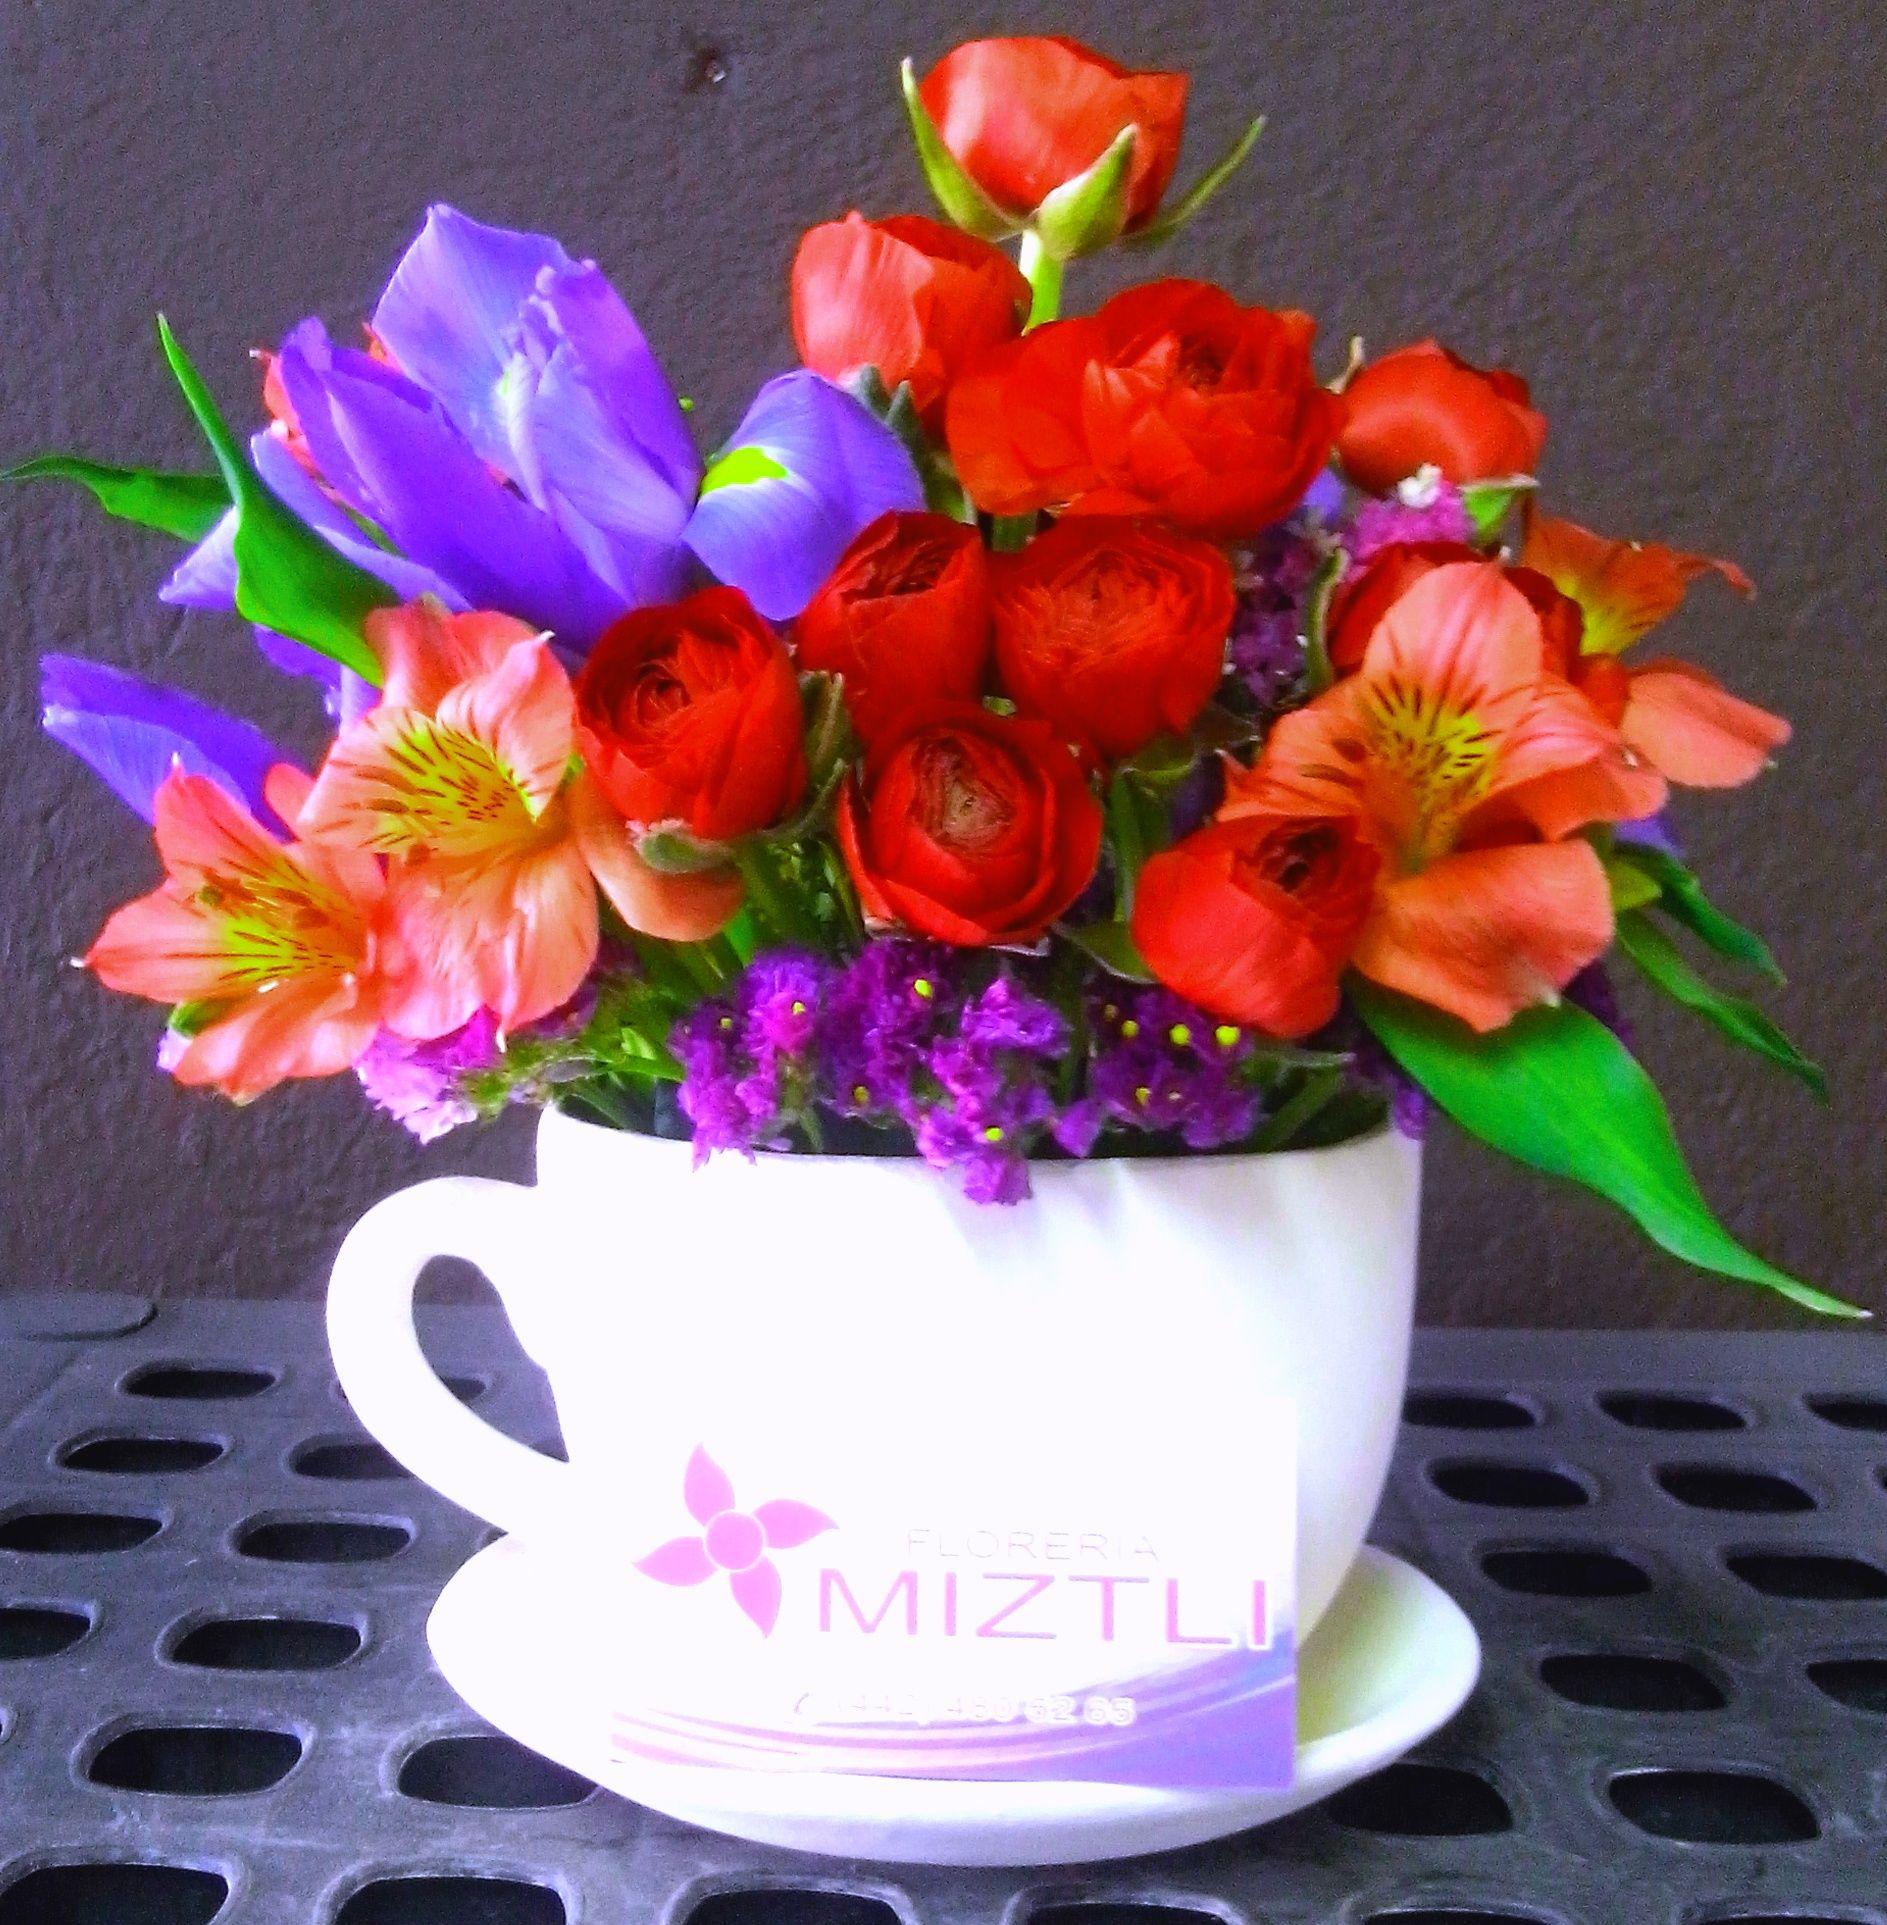 Buenos das empezando la maana con una rica taza de iris iris rannculos astromelias y rosas ah tambin de caf izmirmasajfo